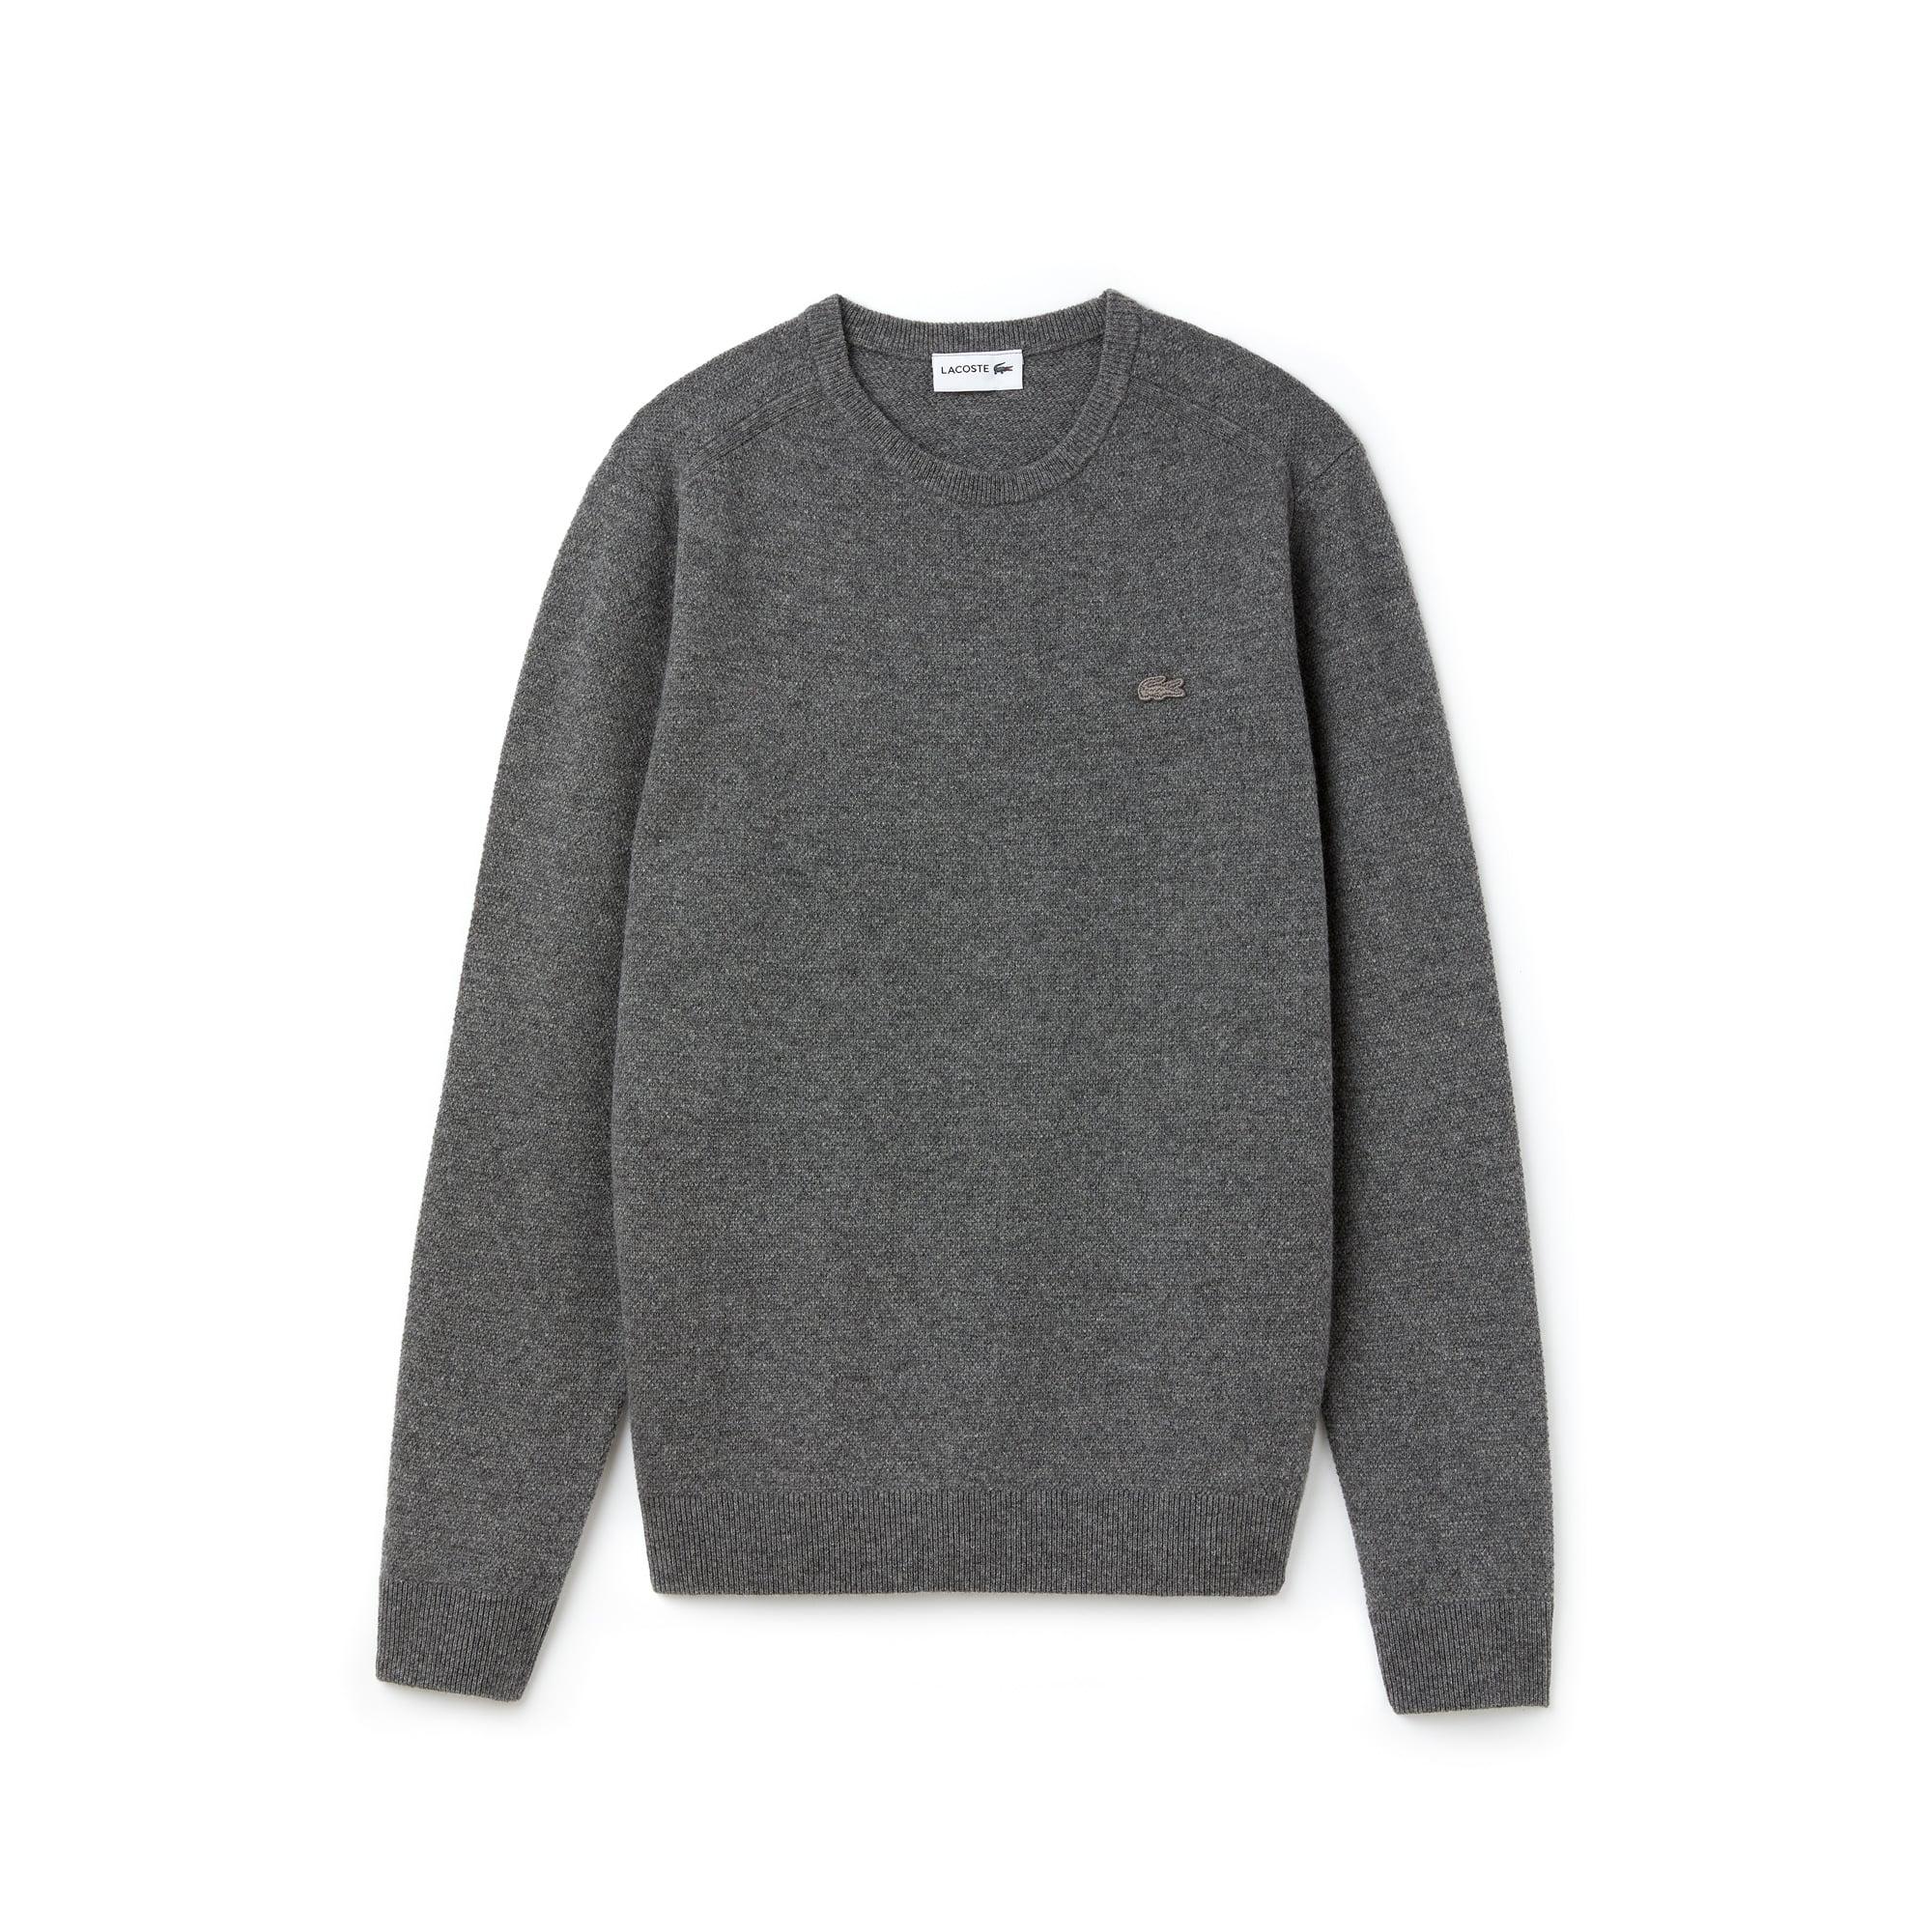 Herren Rundhals-Pullover aus Woll- und Cashmere-Piqué